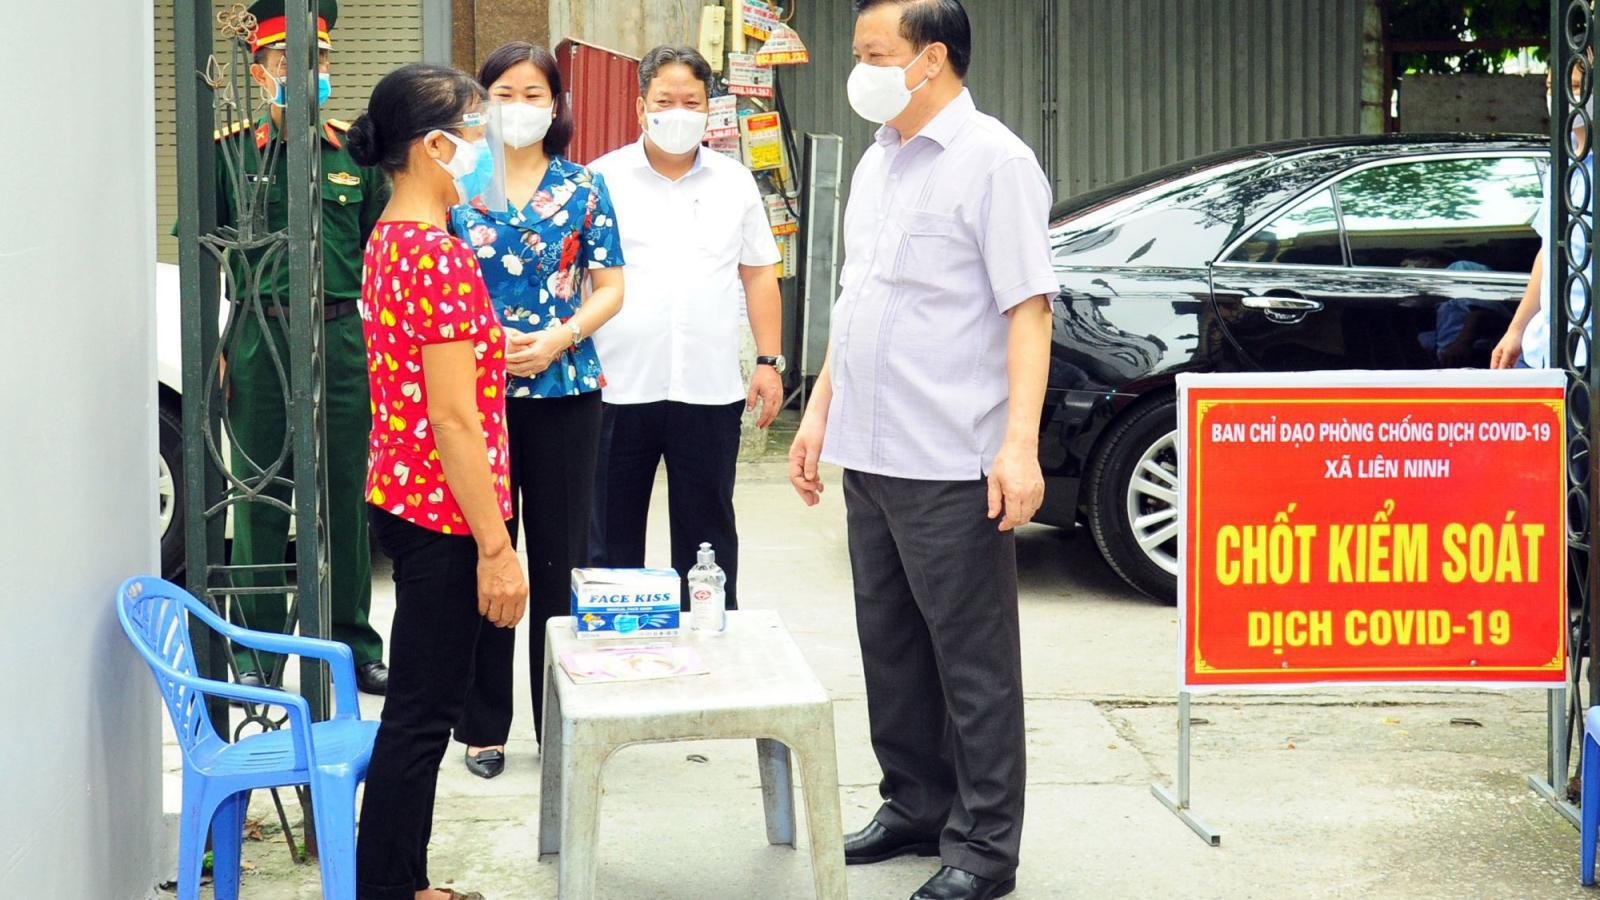 """Bí thư Thành ủy Hà Nội: Giãn cách xã hội phảithực chất, kiểm soát chặt từ """"gốc"""""""